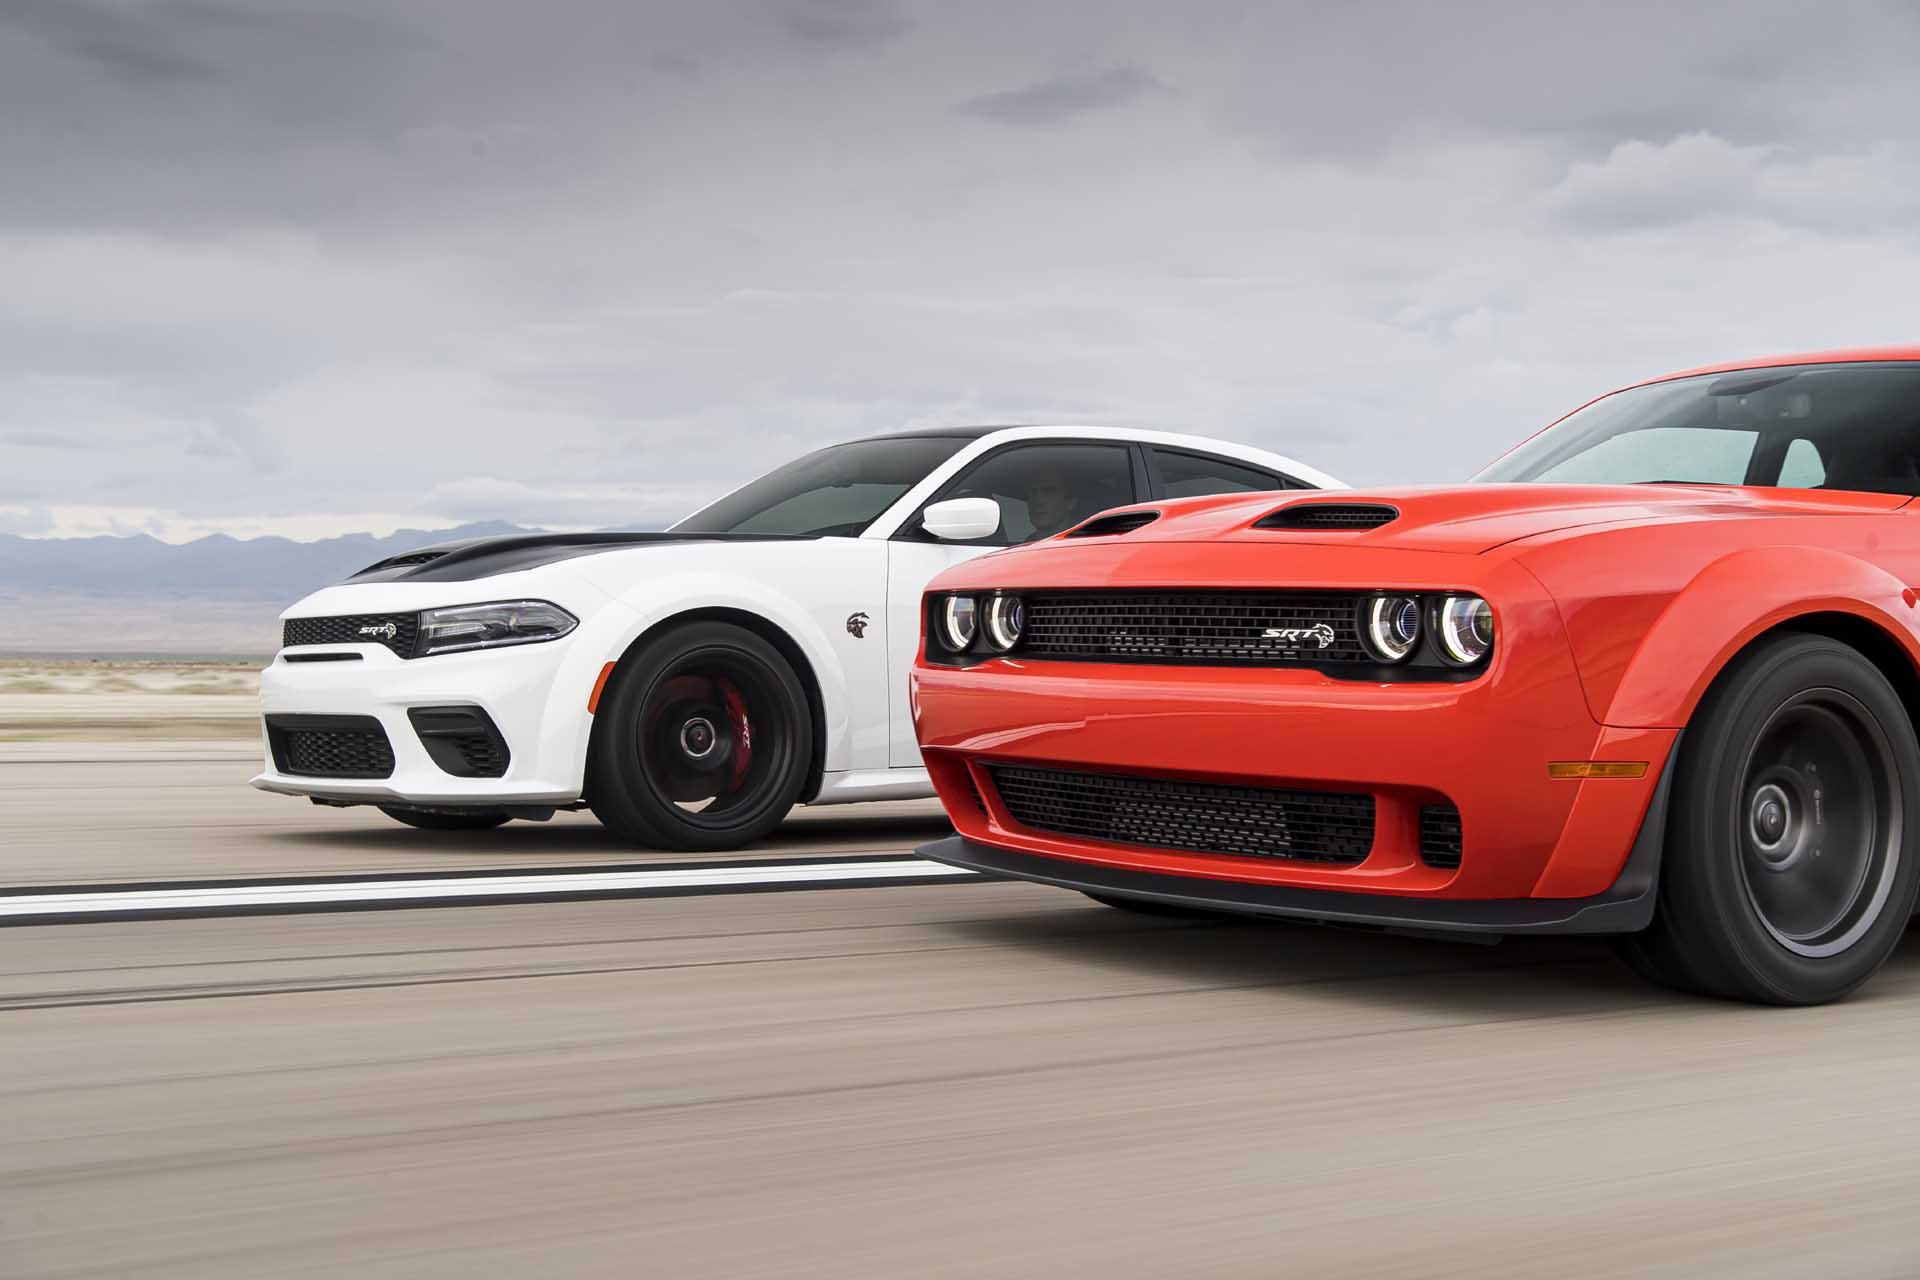 2021 Dodge Charger SRT Hellcat (left) and 2021 Dodge Challenger